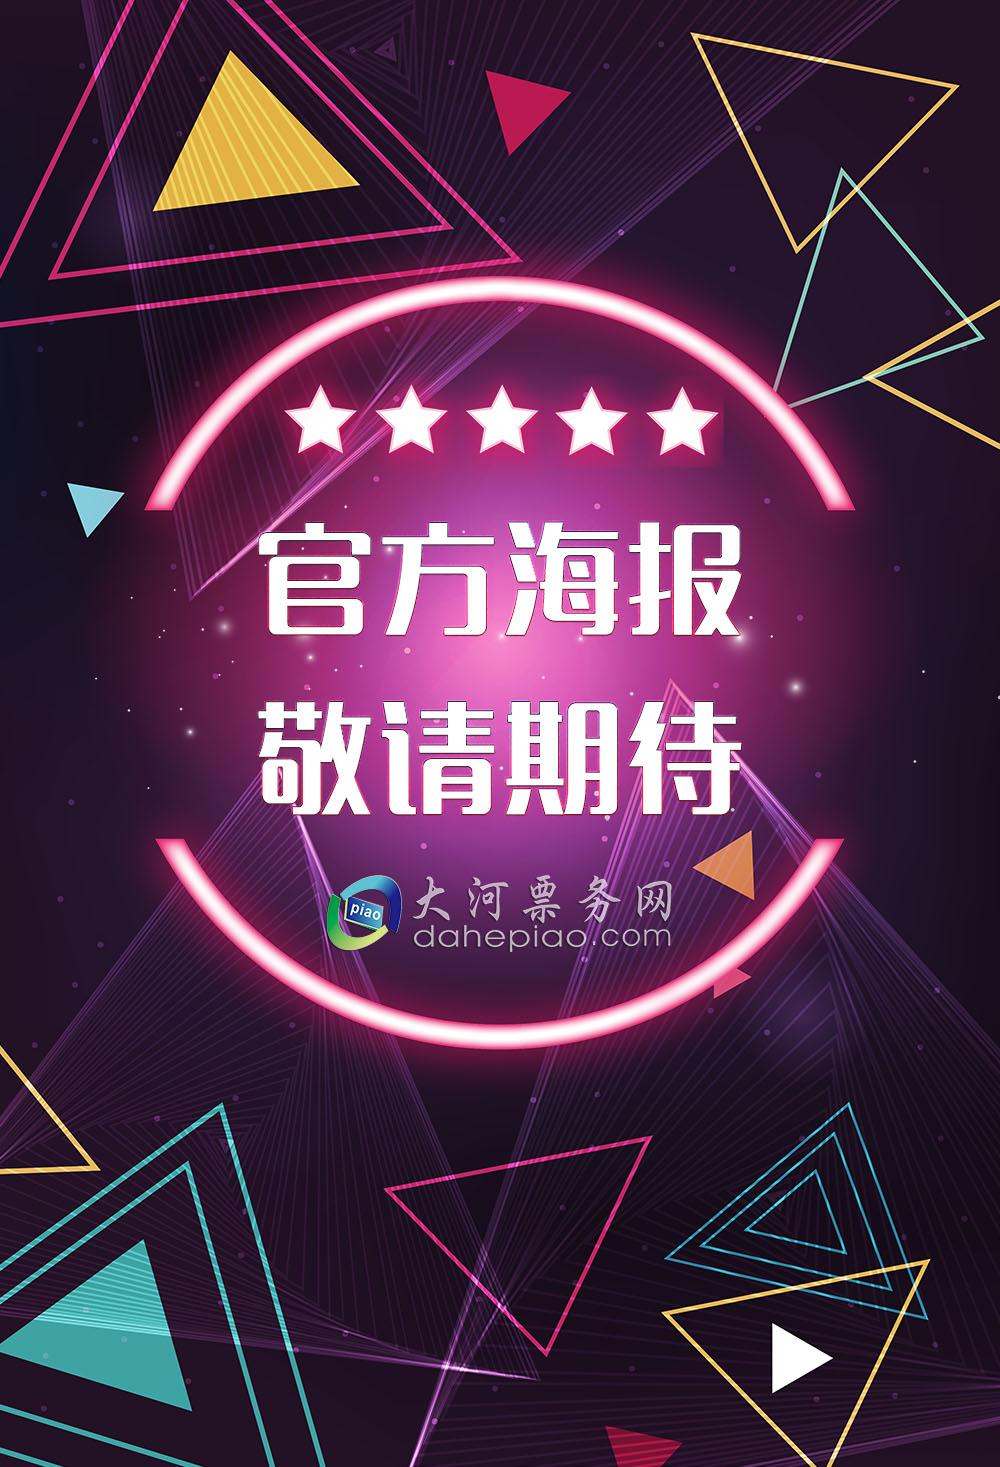 张韶涵深圳演唱会